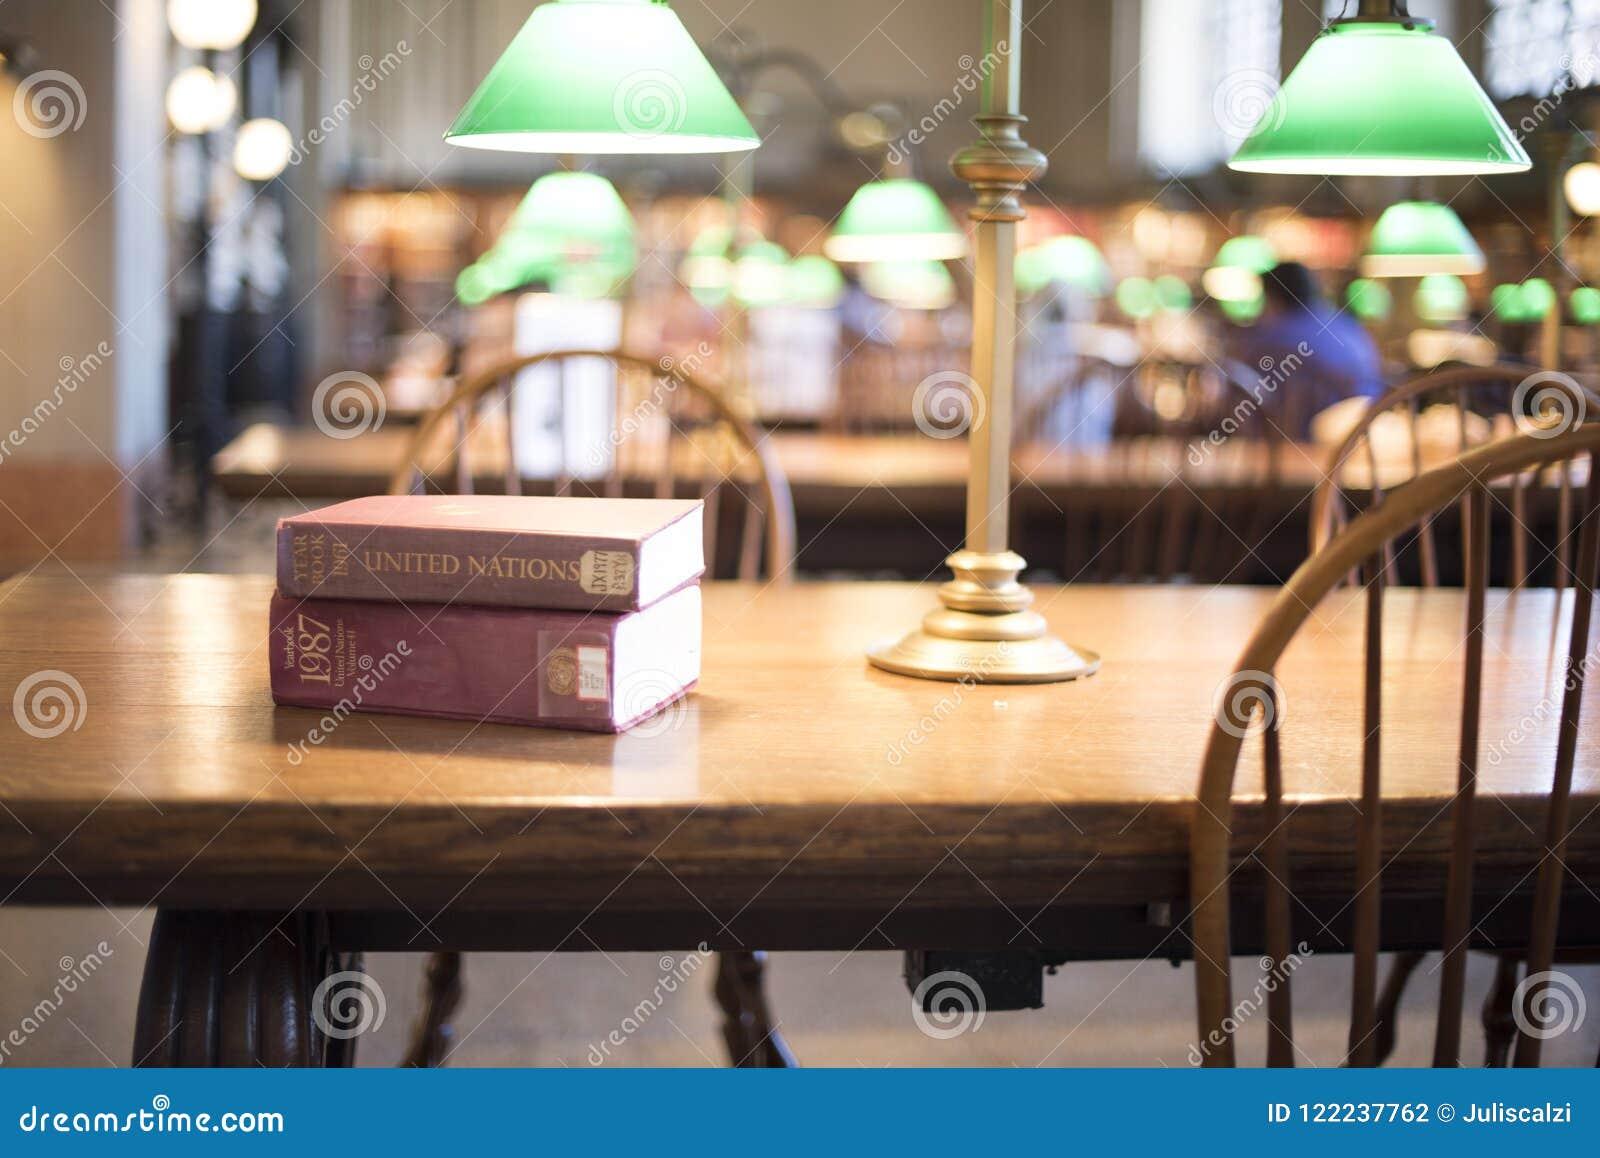 Βιβλία στον πίνακα στη βιβλιοθήκη